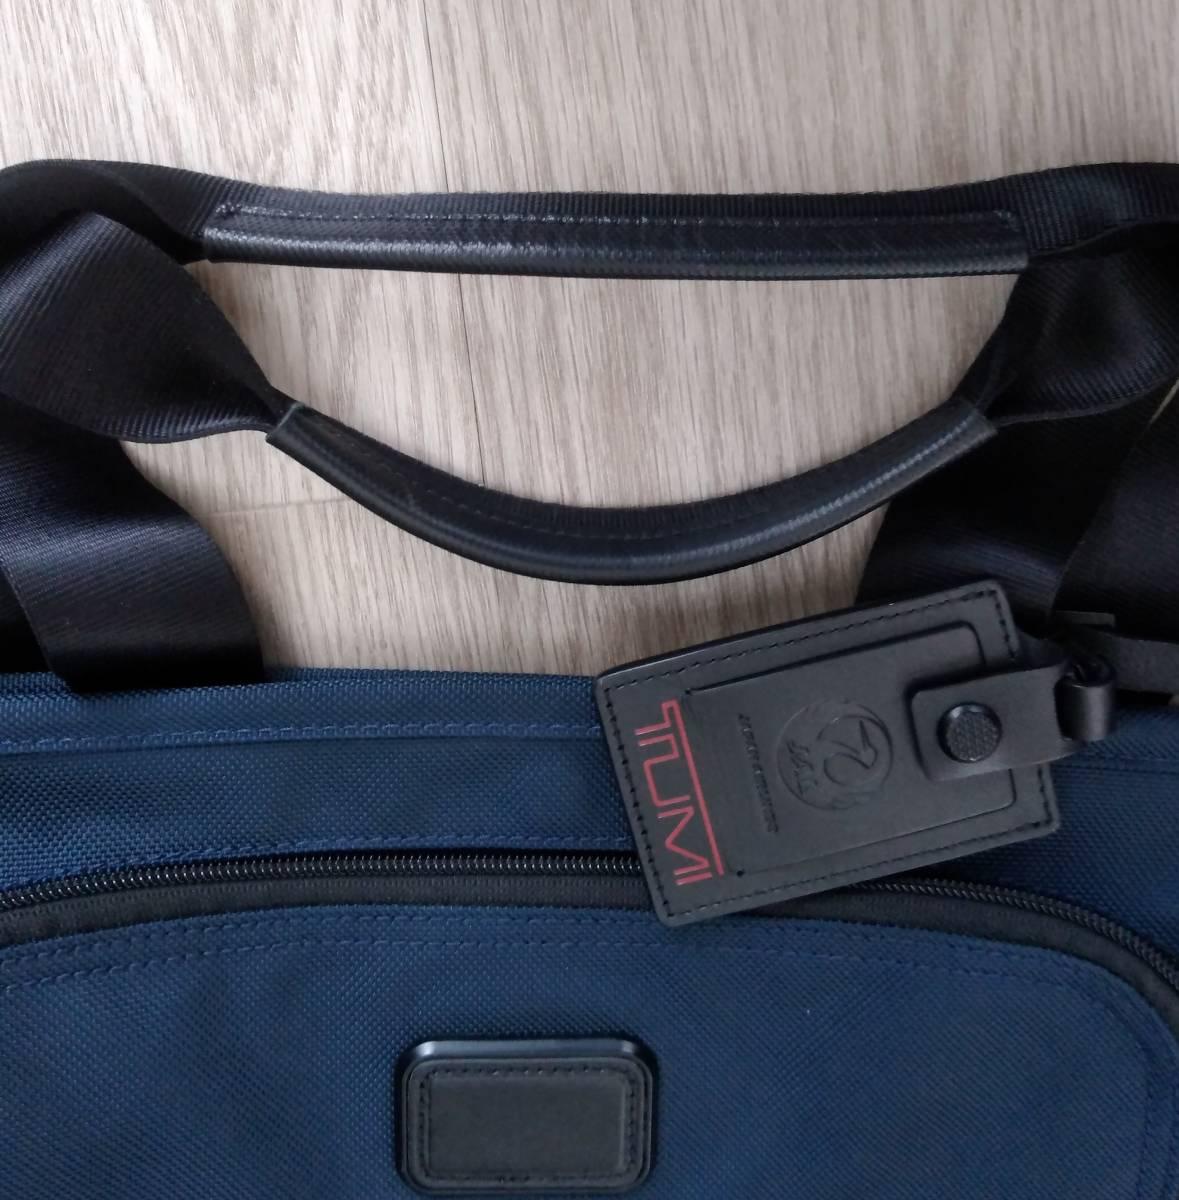 JAL限定品 ネイビー色 TUMI トゥミ バリスティックナイロン製エクスパンダブルトートバッグ 26296NVY2E_画像8